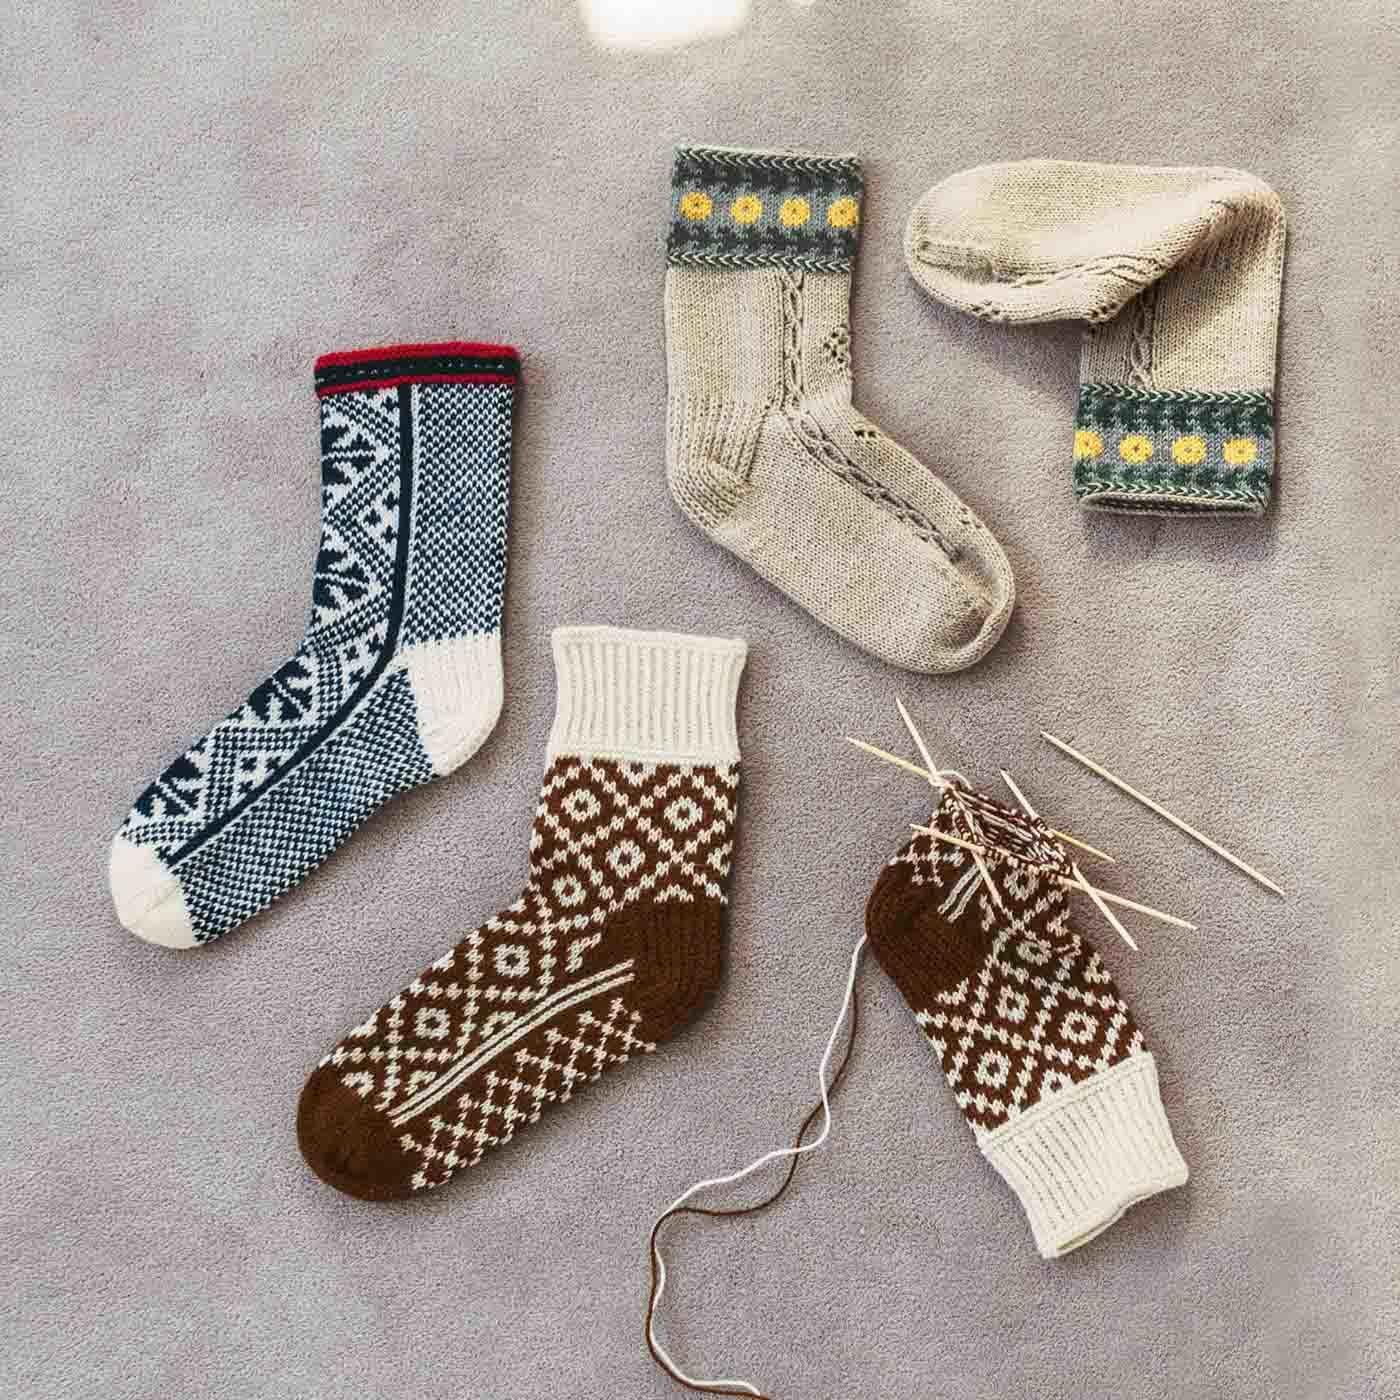 【クチュリエクラブ会員限定】おうち時間もお出かけも 手編みの相棒 編み込み靴下の会